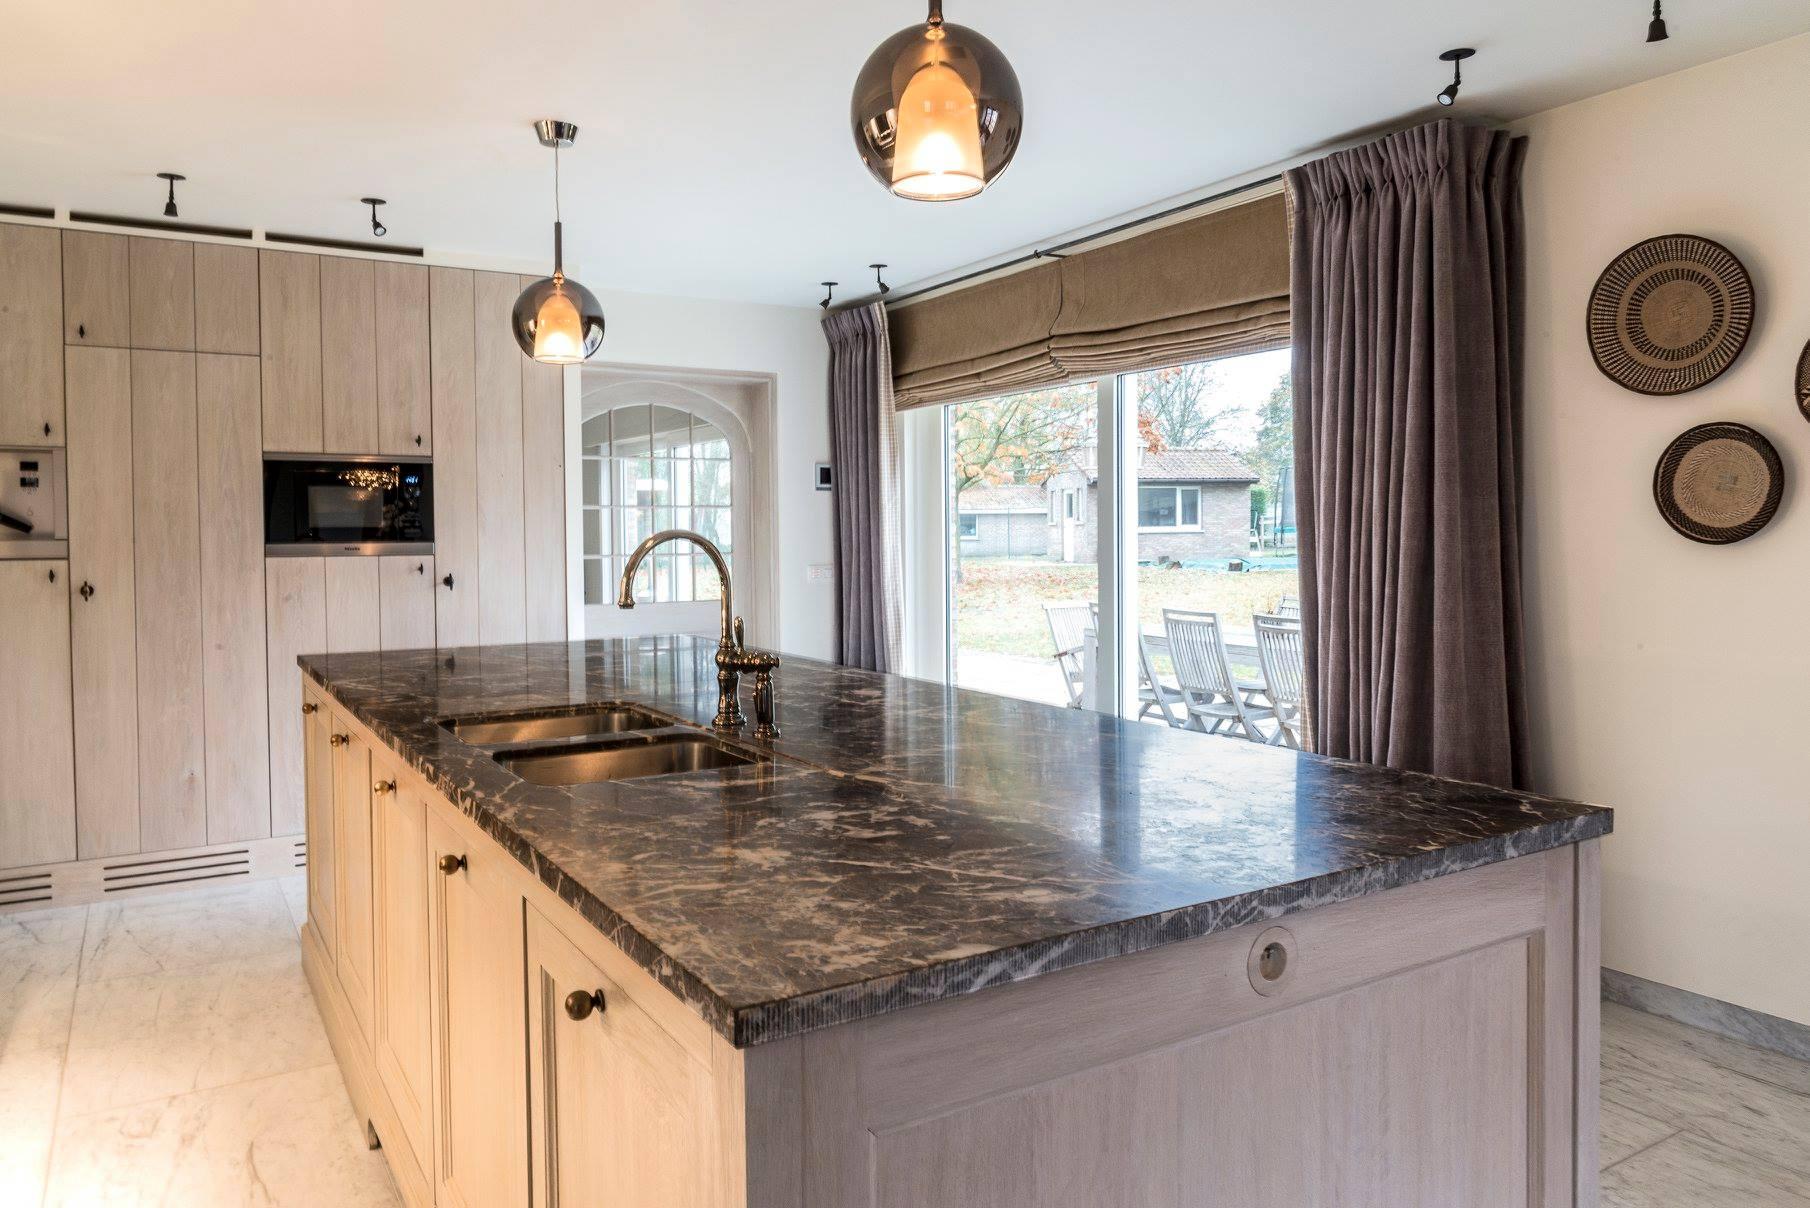 Belgian Kitchen Design U2013 Recently Installed Bespoke Kitchen